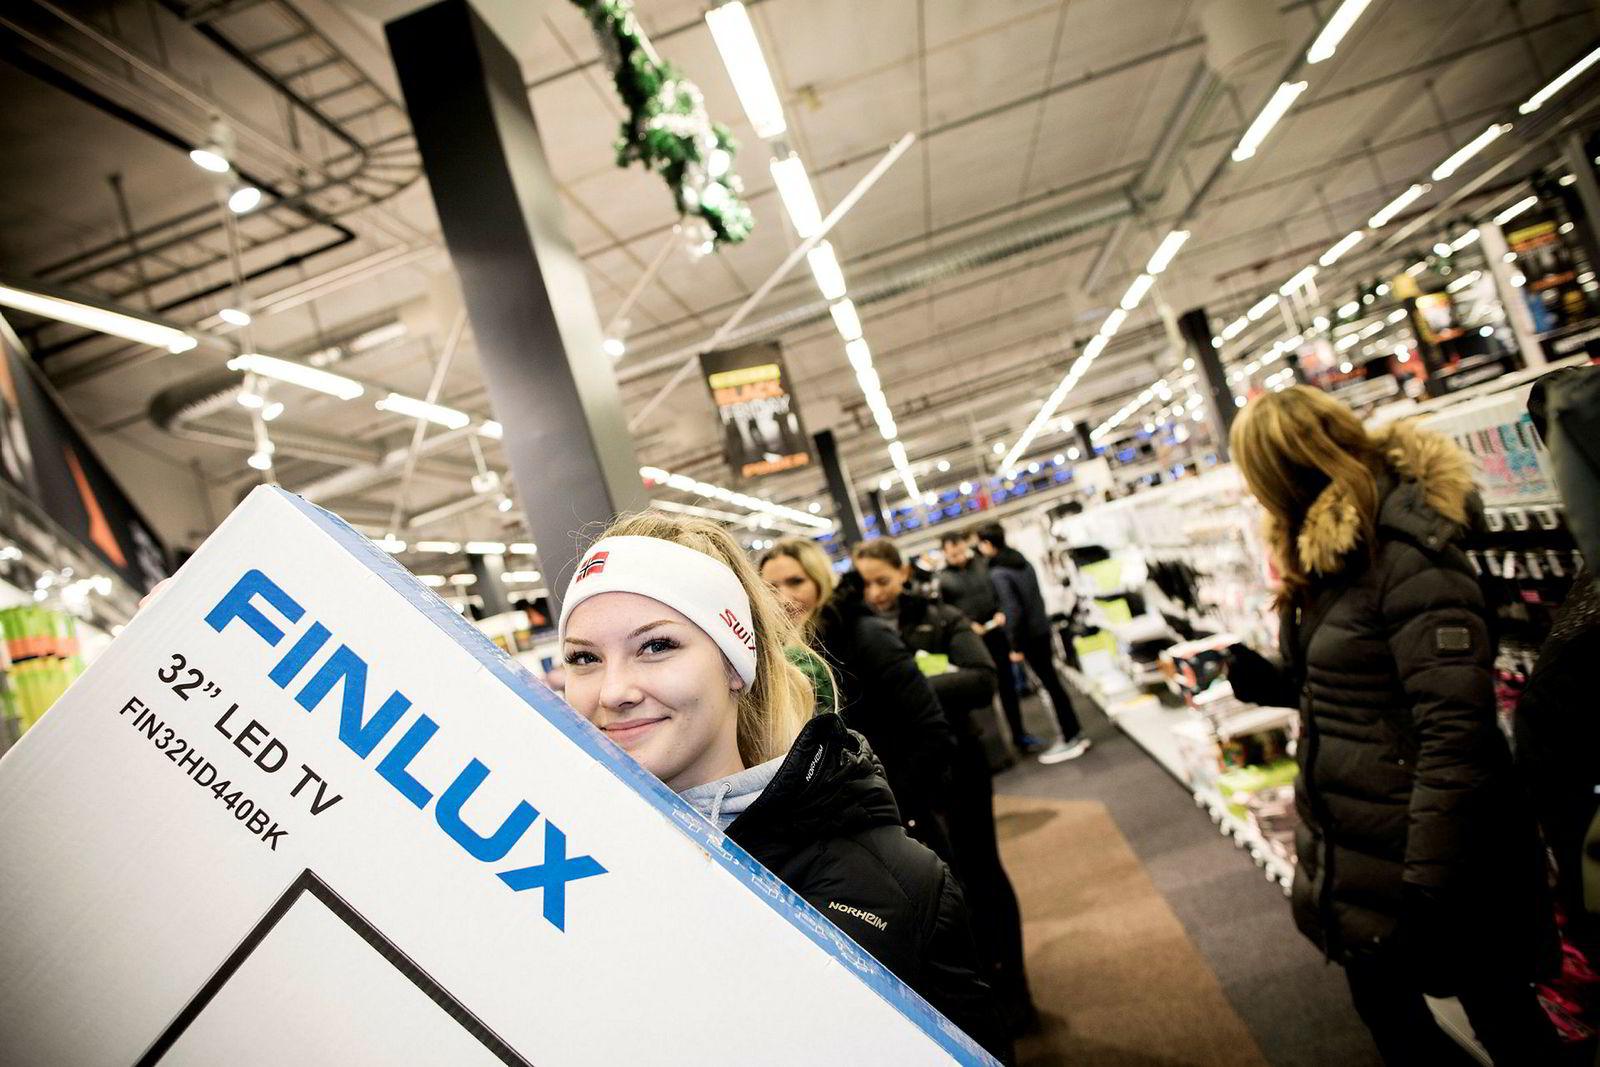 Marta Gatalska sto i kø i seks timer og var fornøyd med å sikre seg ny tv til 499 kroner.